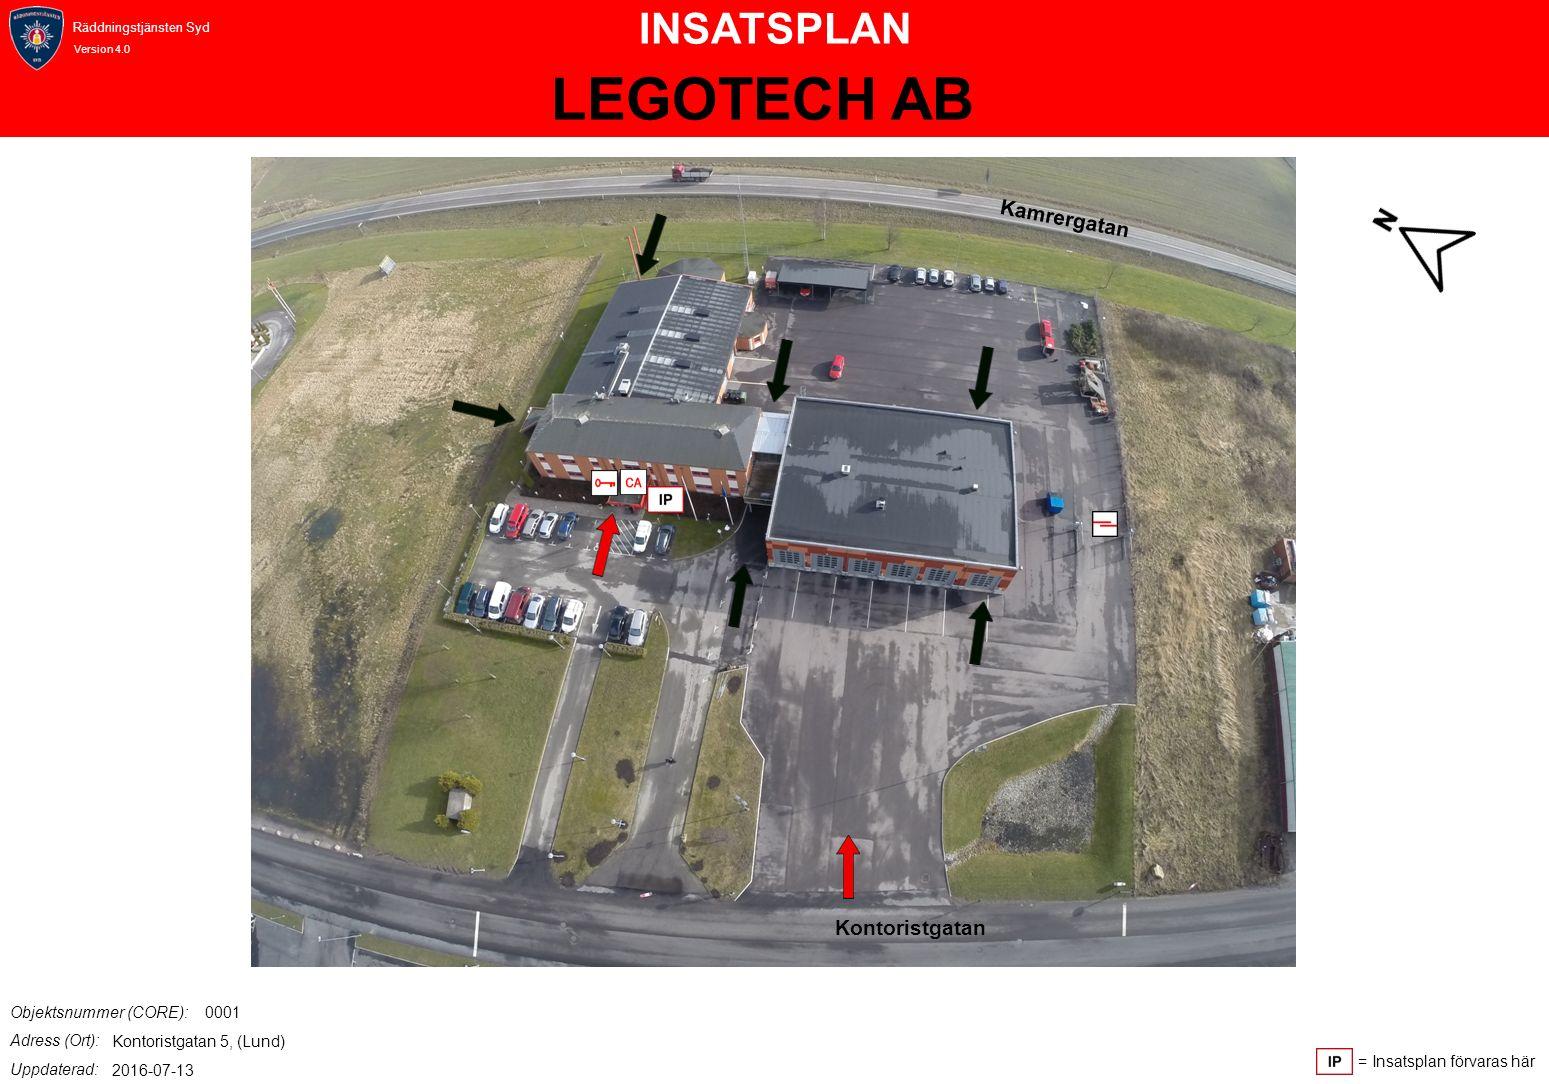 INSATSPLAN Räddningstjänsten Syd Version 4.0 = Insatsplan förvaras här Objektsnummer (CORE): Adress (Ort): Uppdaterad: Kontoristgatan Kamrergatan LEGOTECH AB 0001 Kontoristgatan 5, (Lund) 2016-07-13